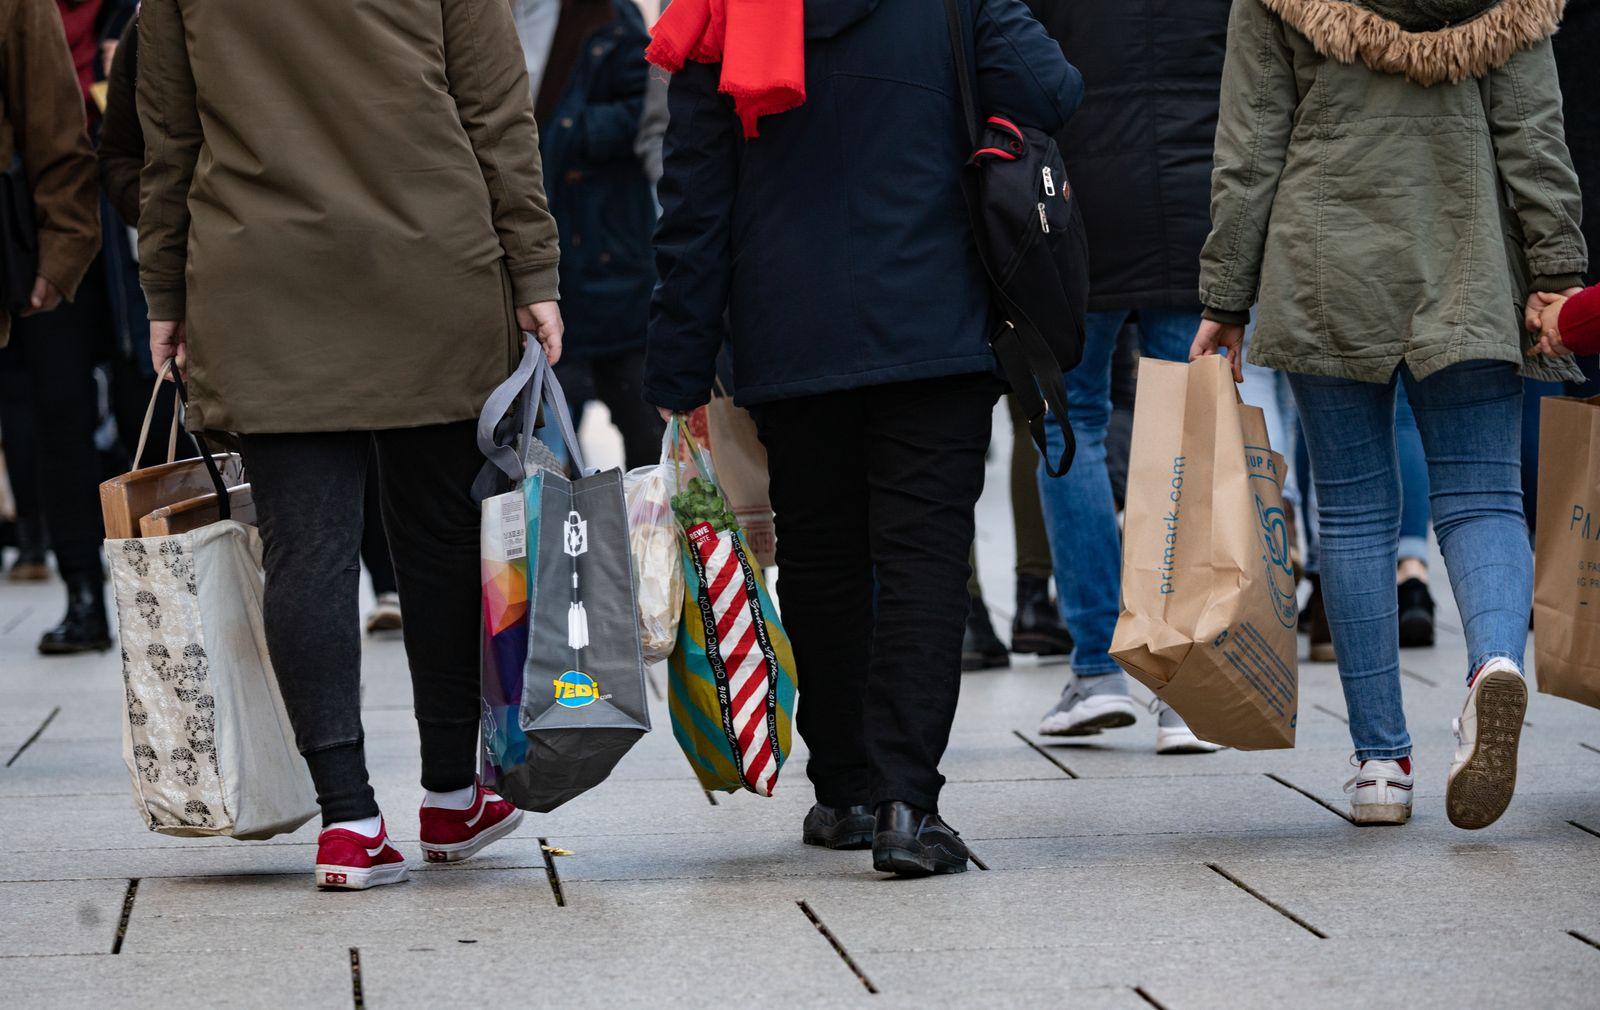 Einzelhandel / Verbraucher / Konsum /